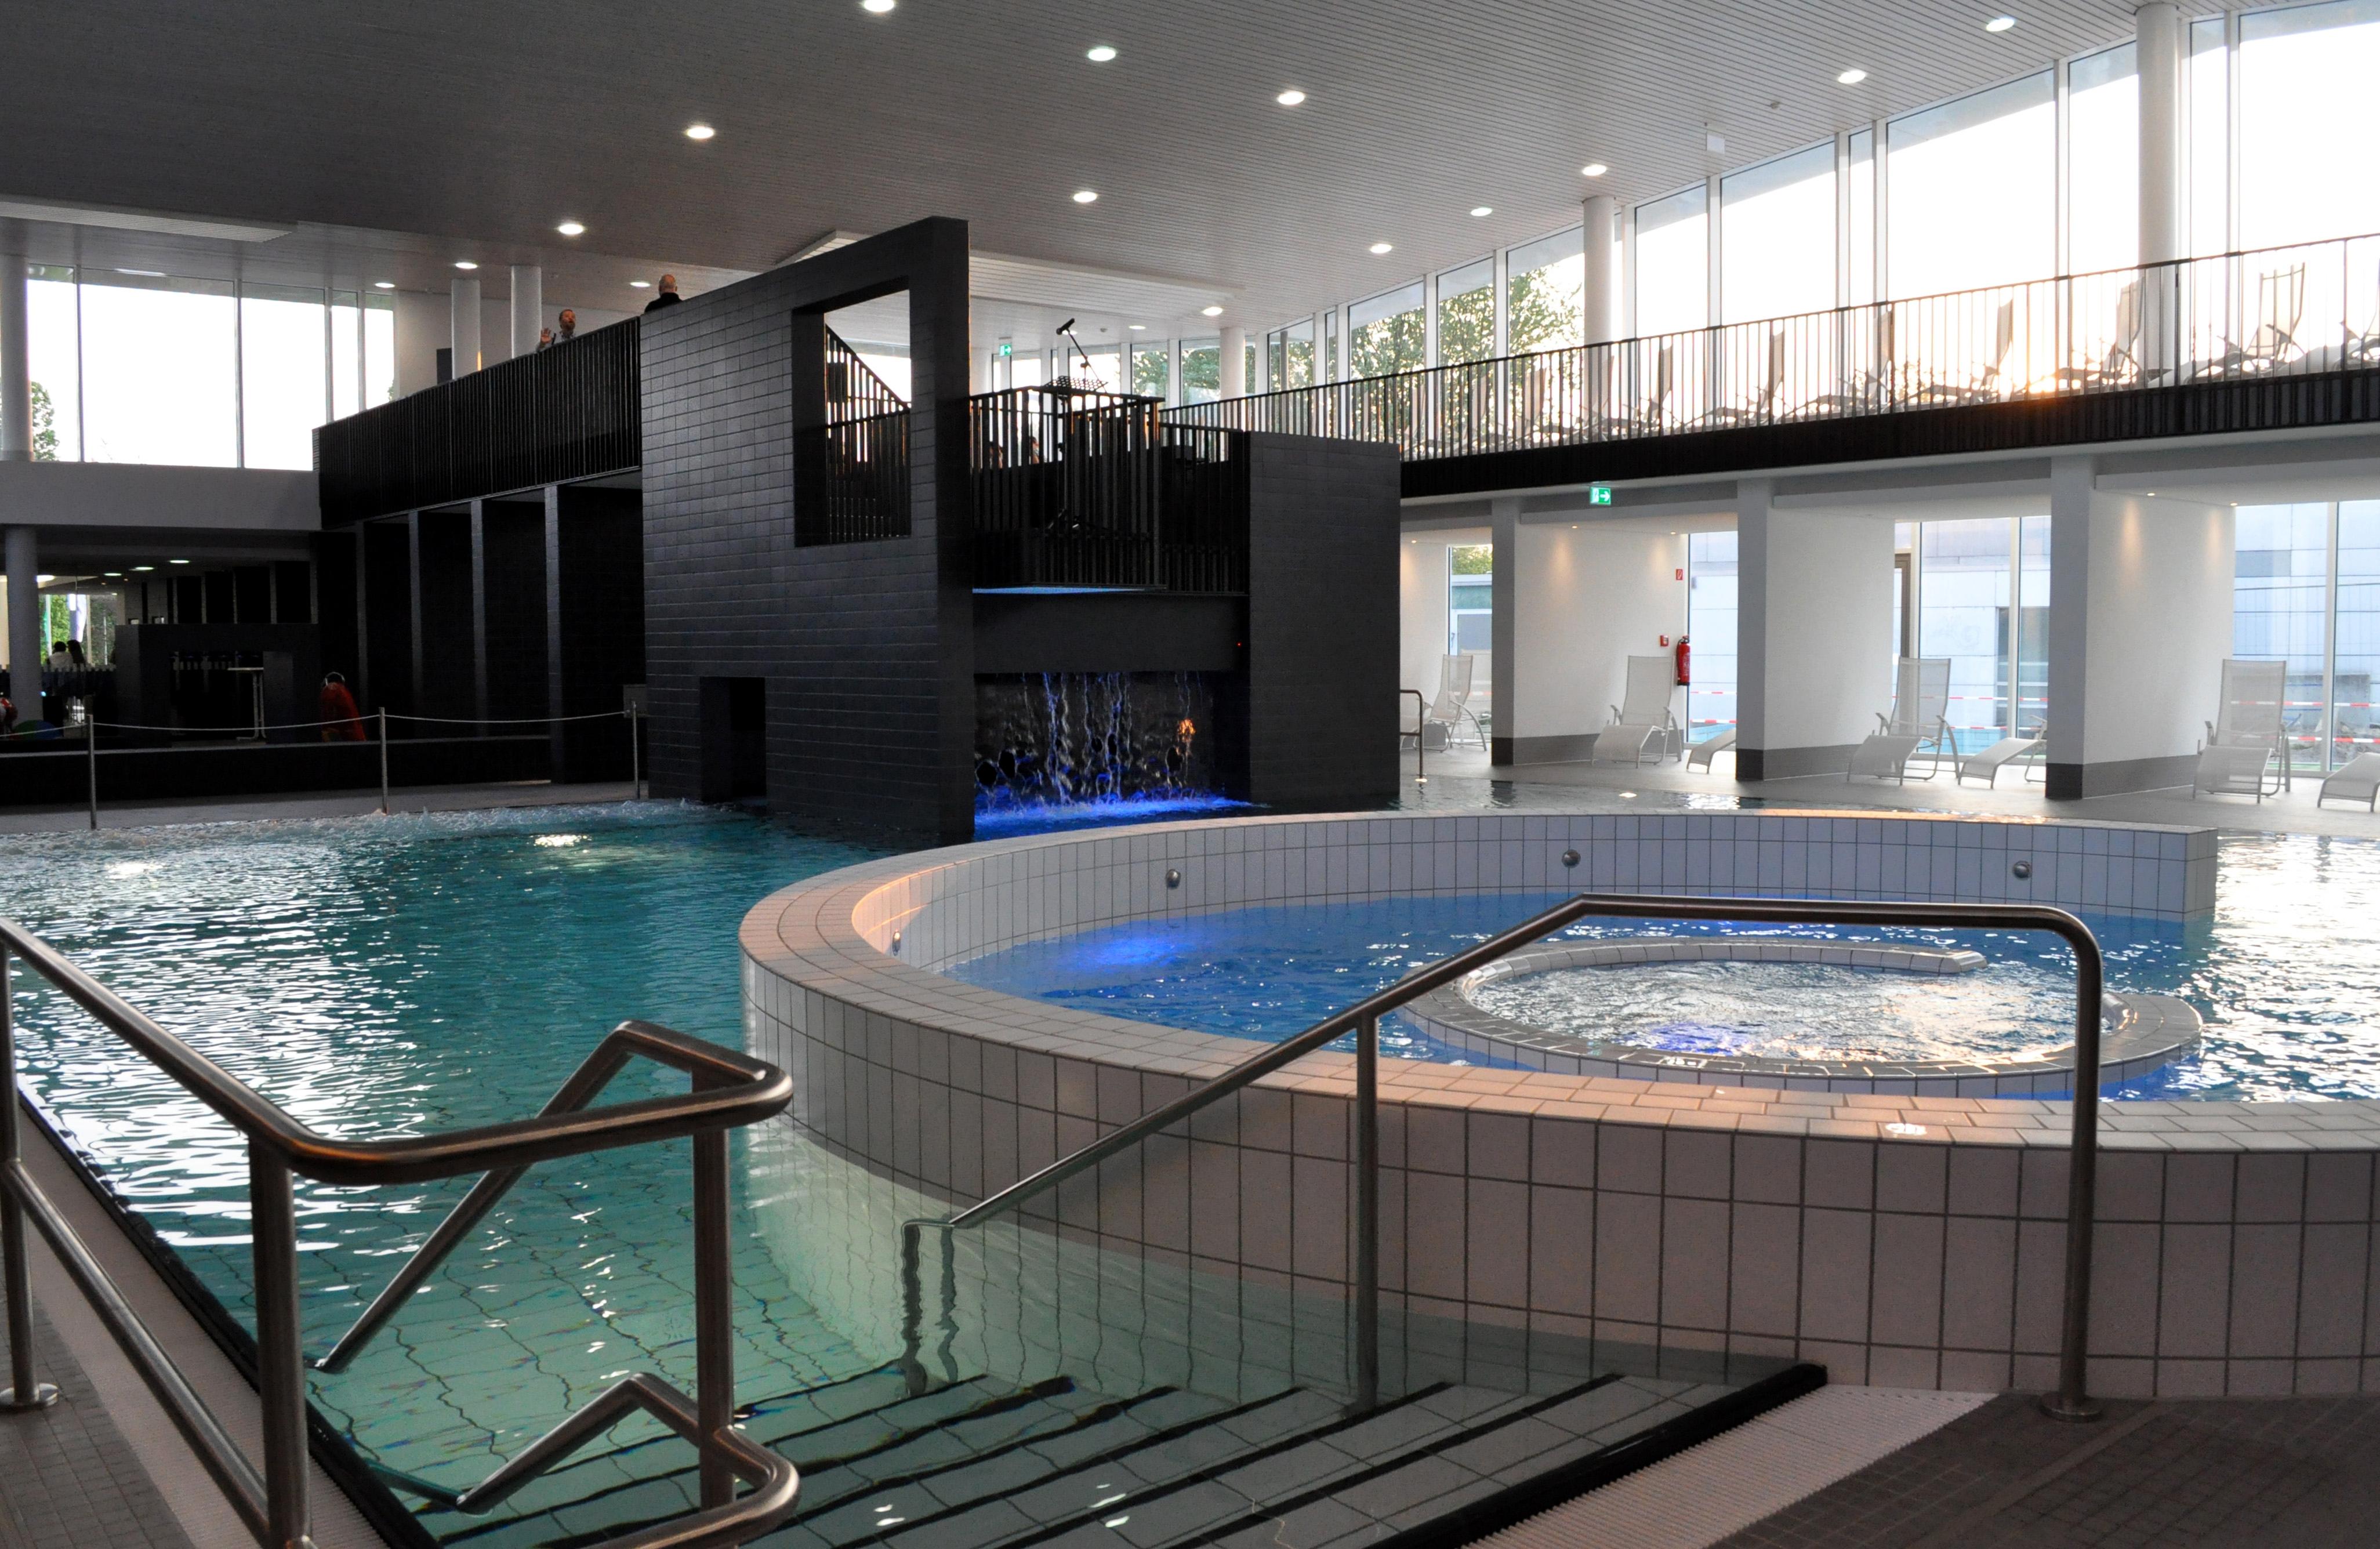 Attraktionsbecken im Sport- und Freizeitbad Allerwelle Gifhorn